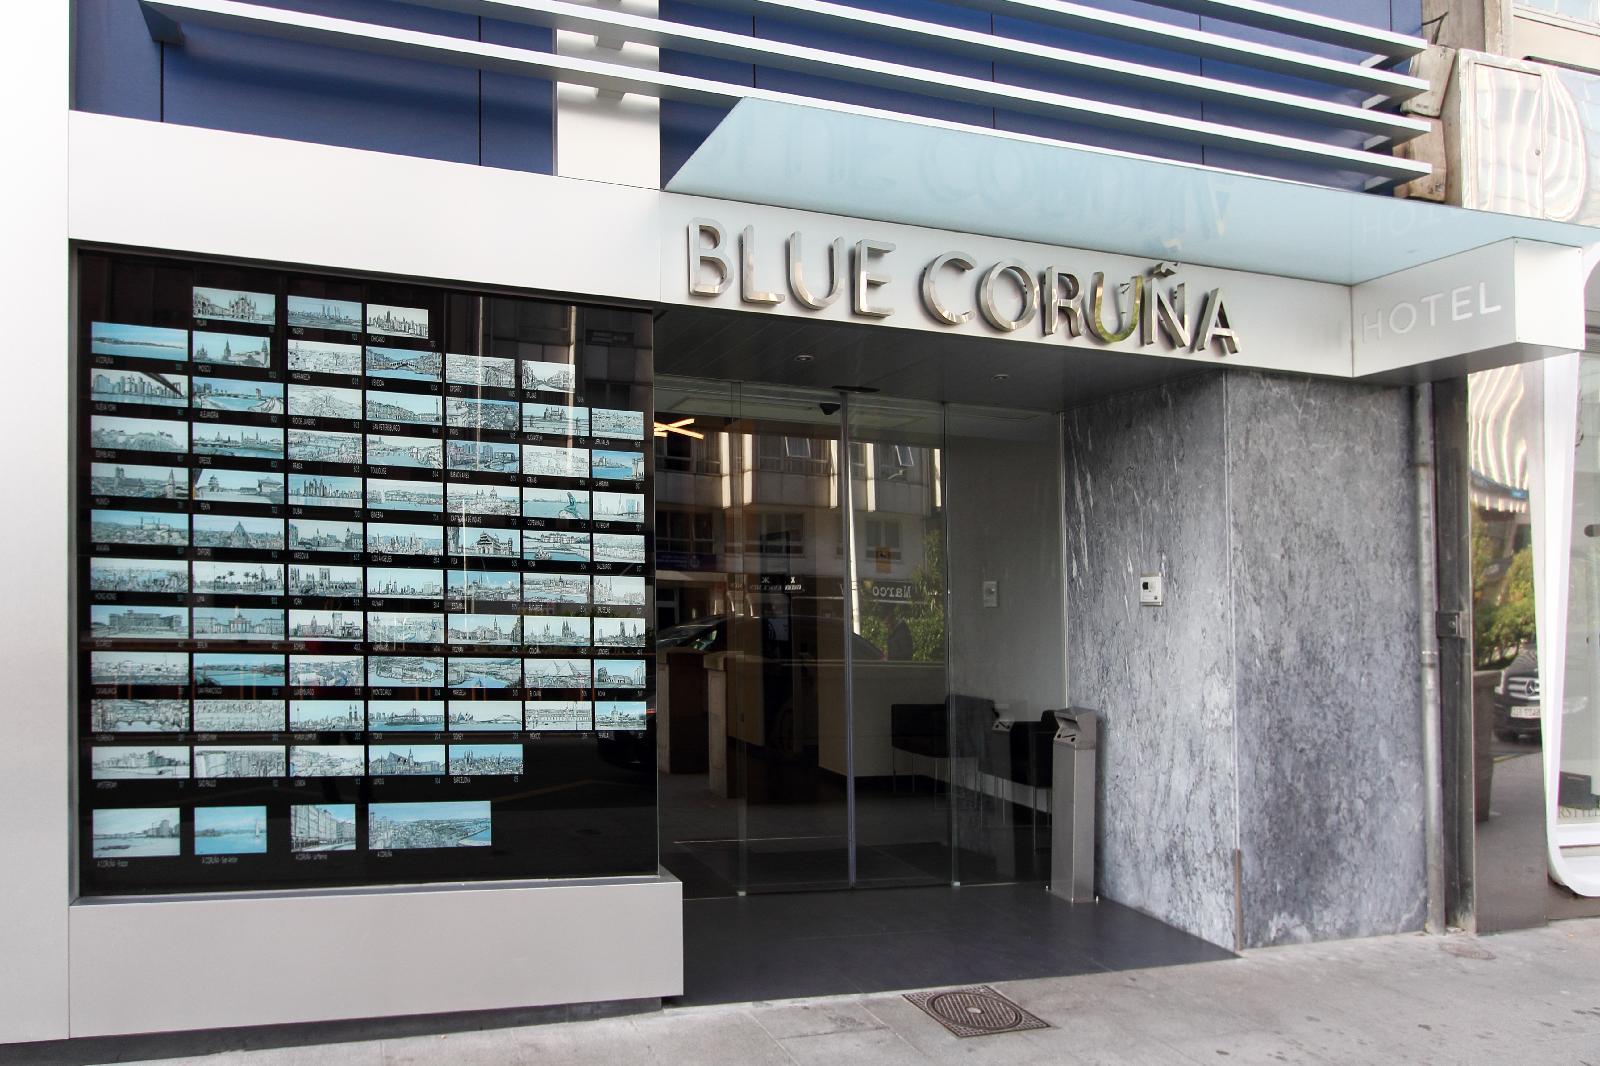 4. Hotel Blue Coruña